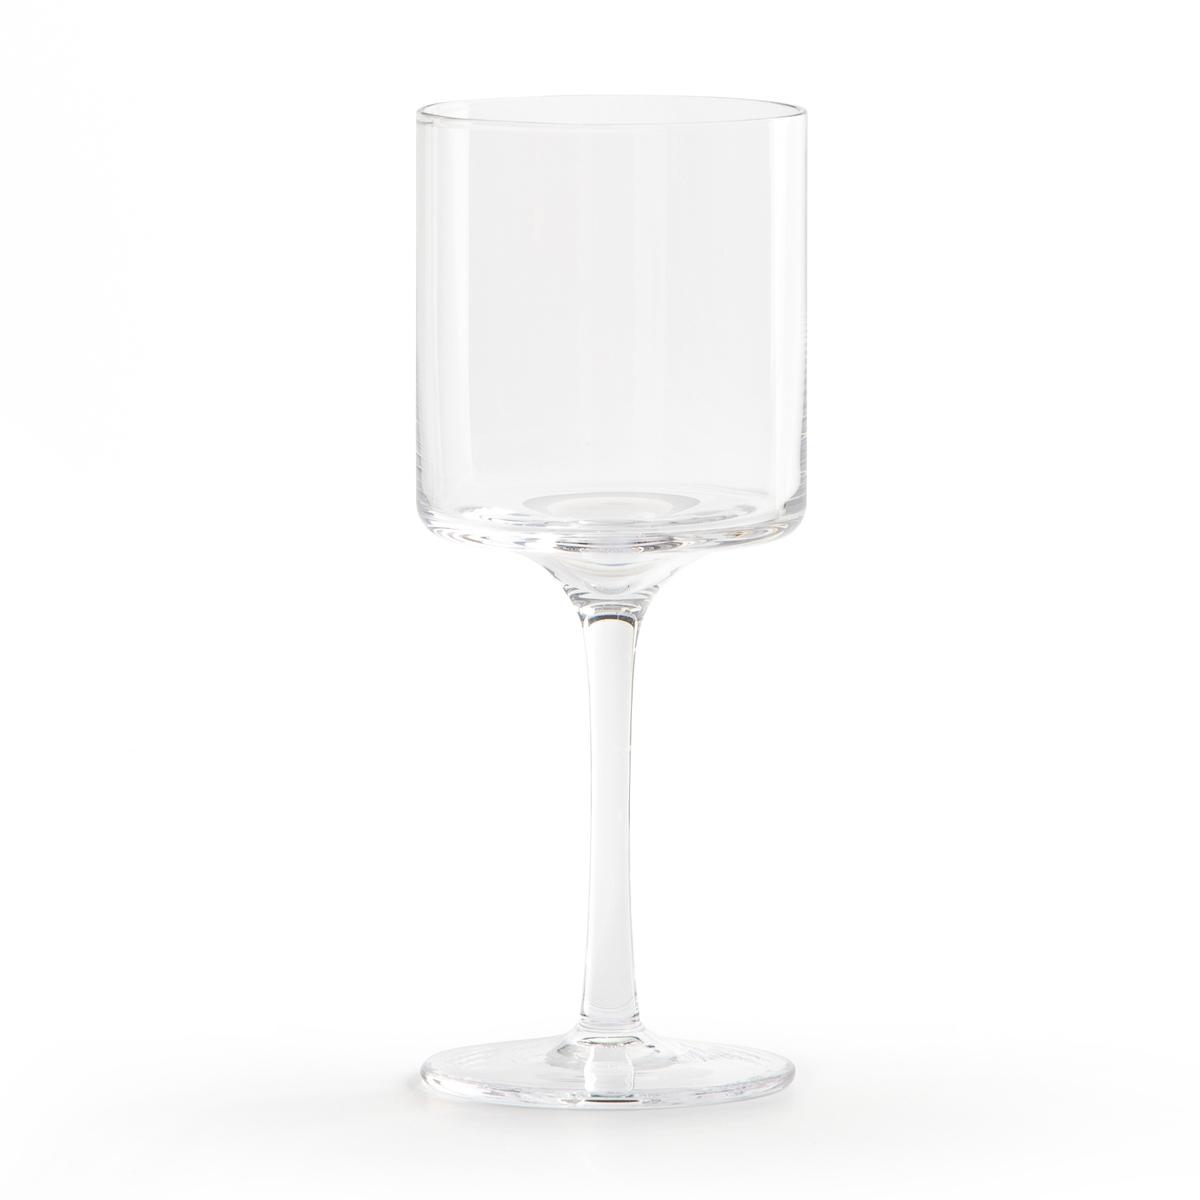 Стакана La Redoute COBLACE единый размер другие бокала la redoute для шампанского lurik единый размер другие